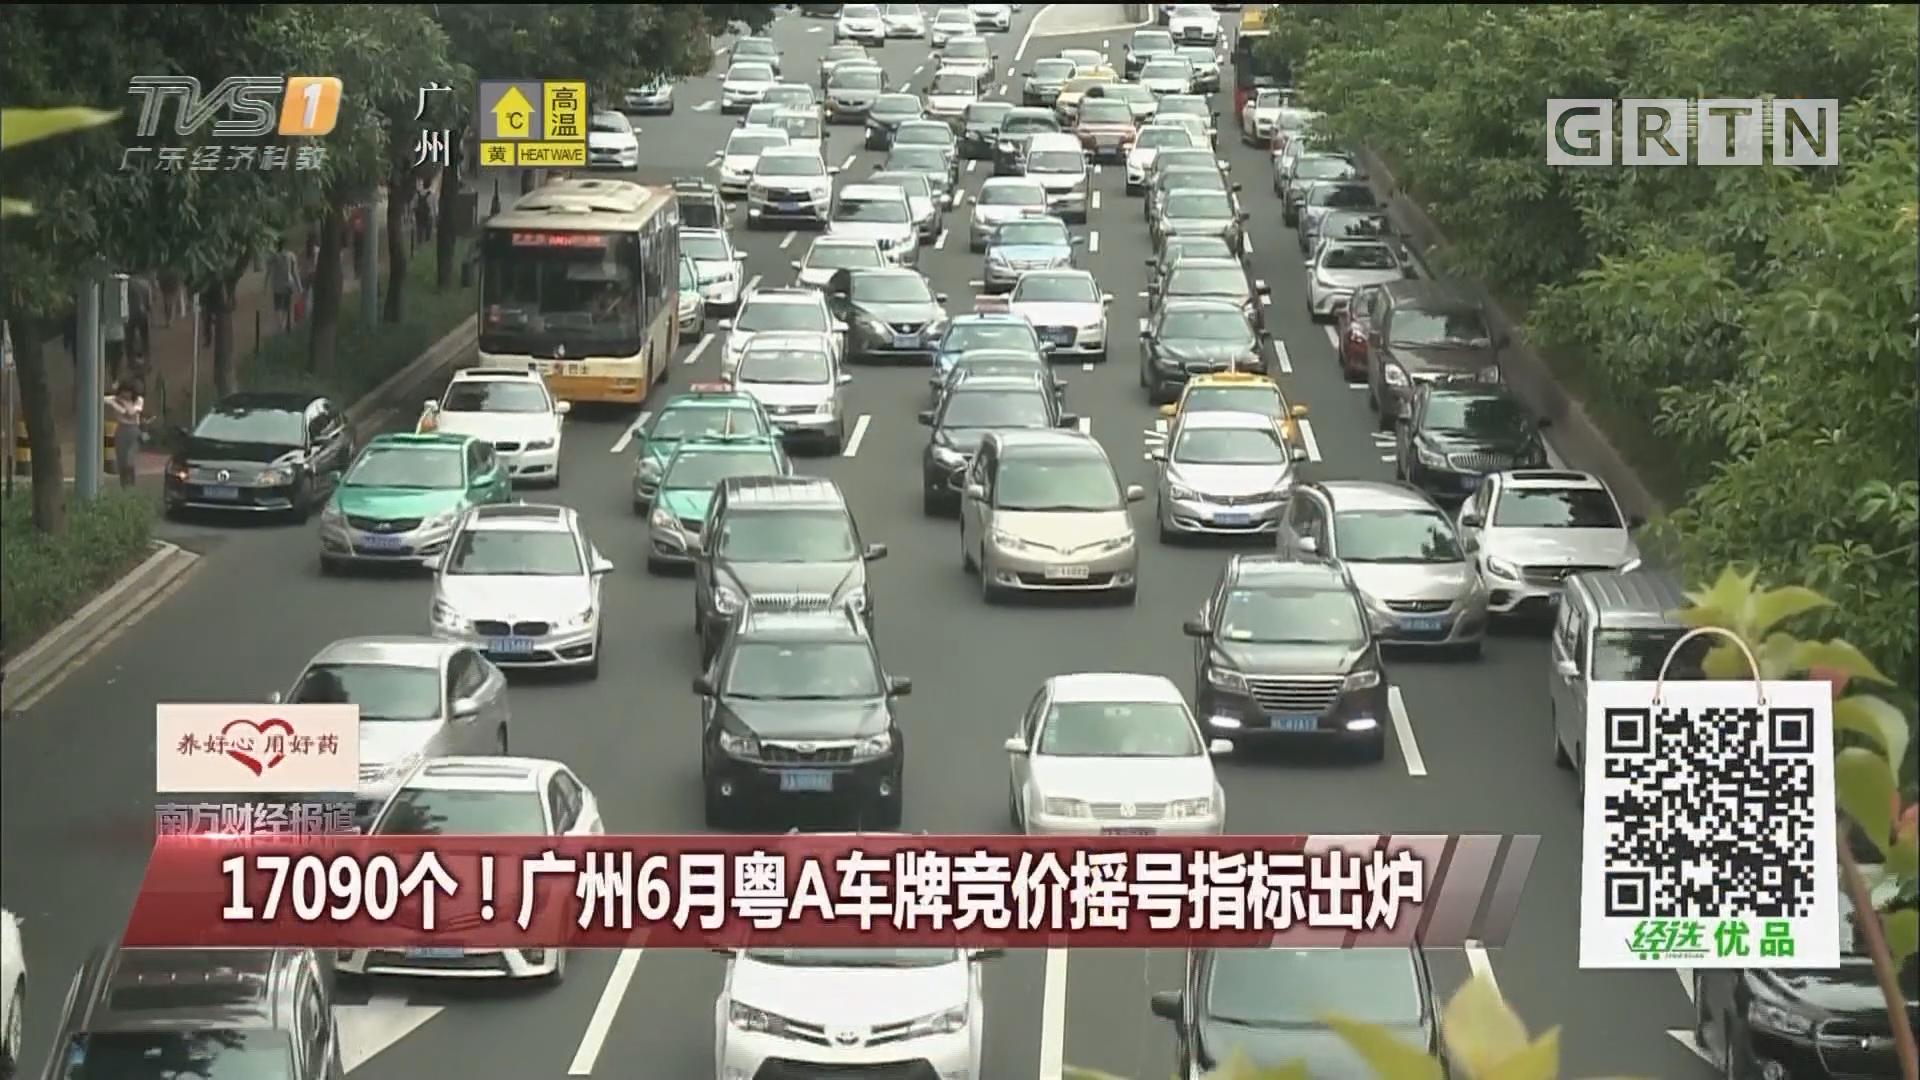 17090个!广州6月粤A车牌竞价摇号指标出炉